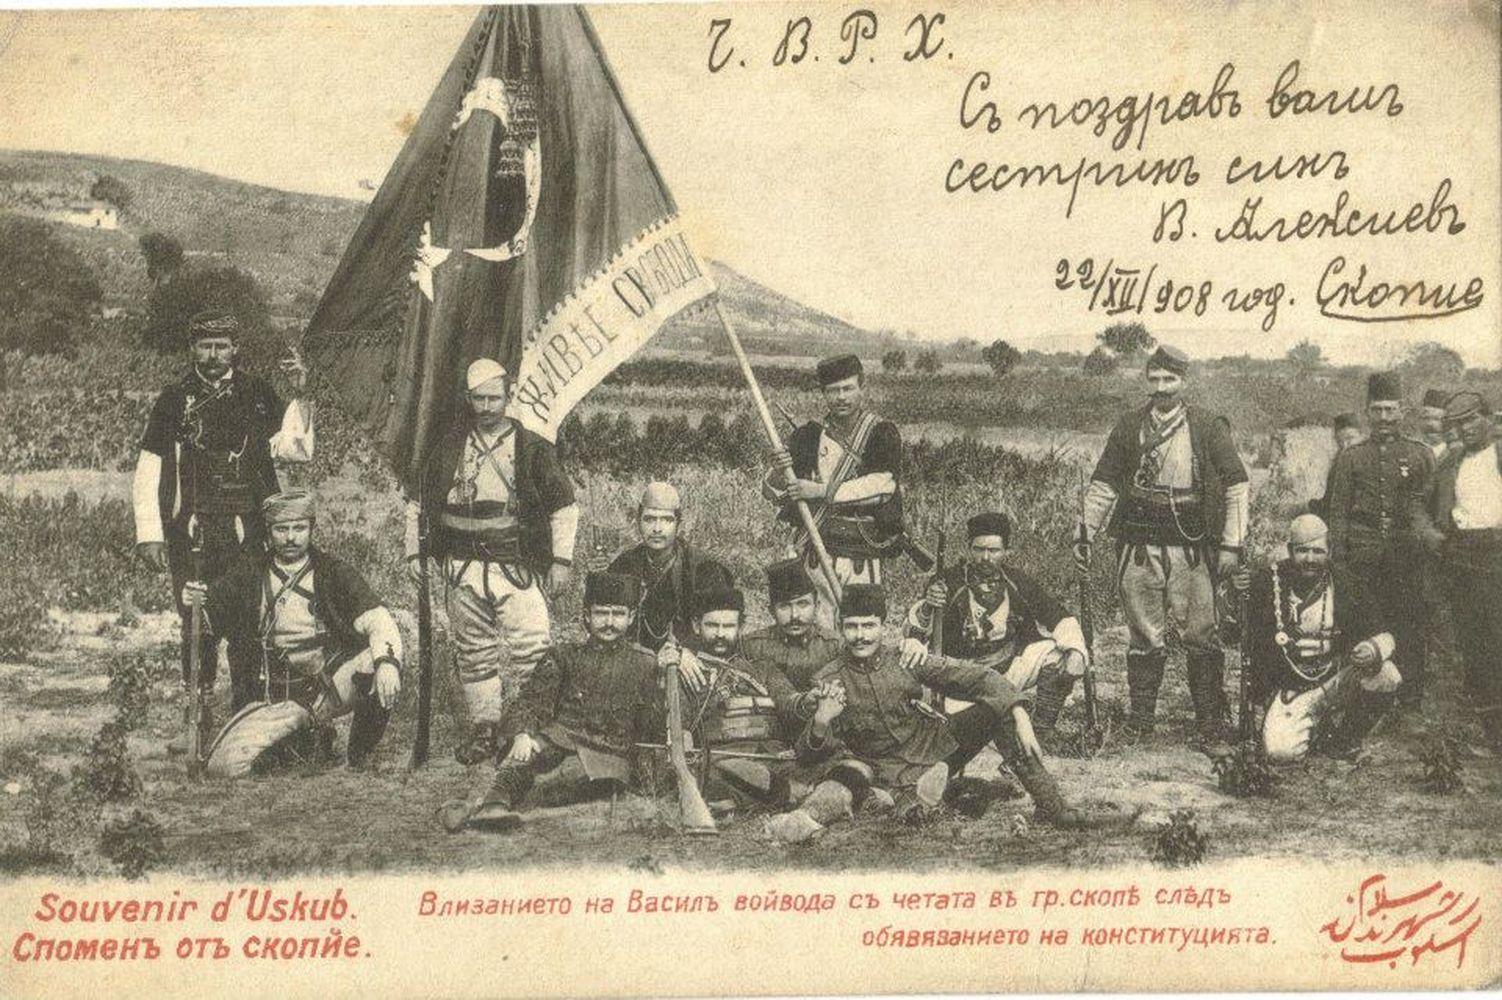 Четата на Васил Аджаларски с младотурци в Скопие.